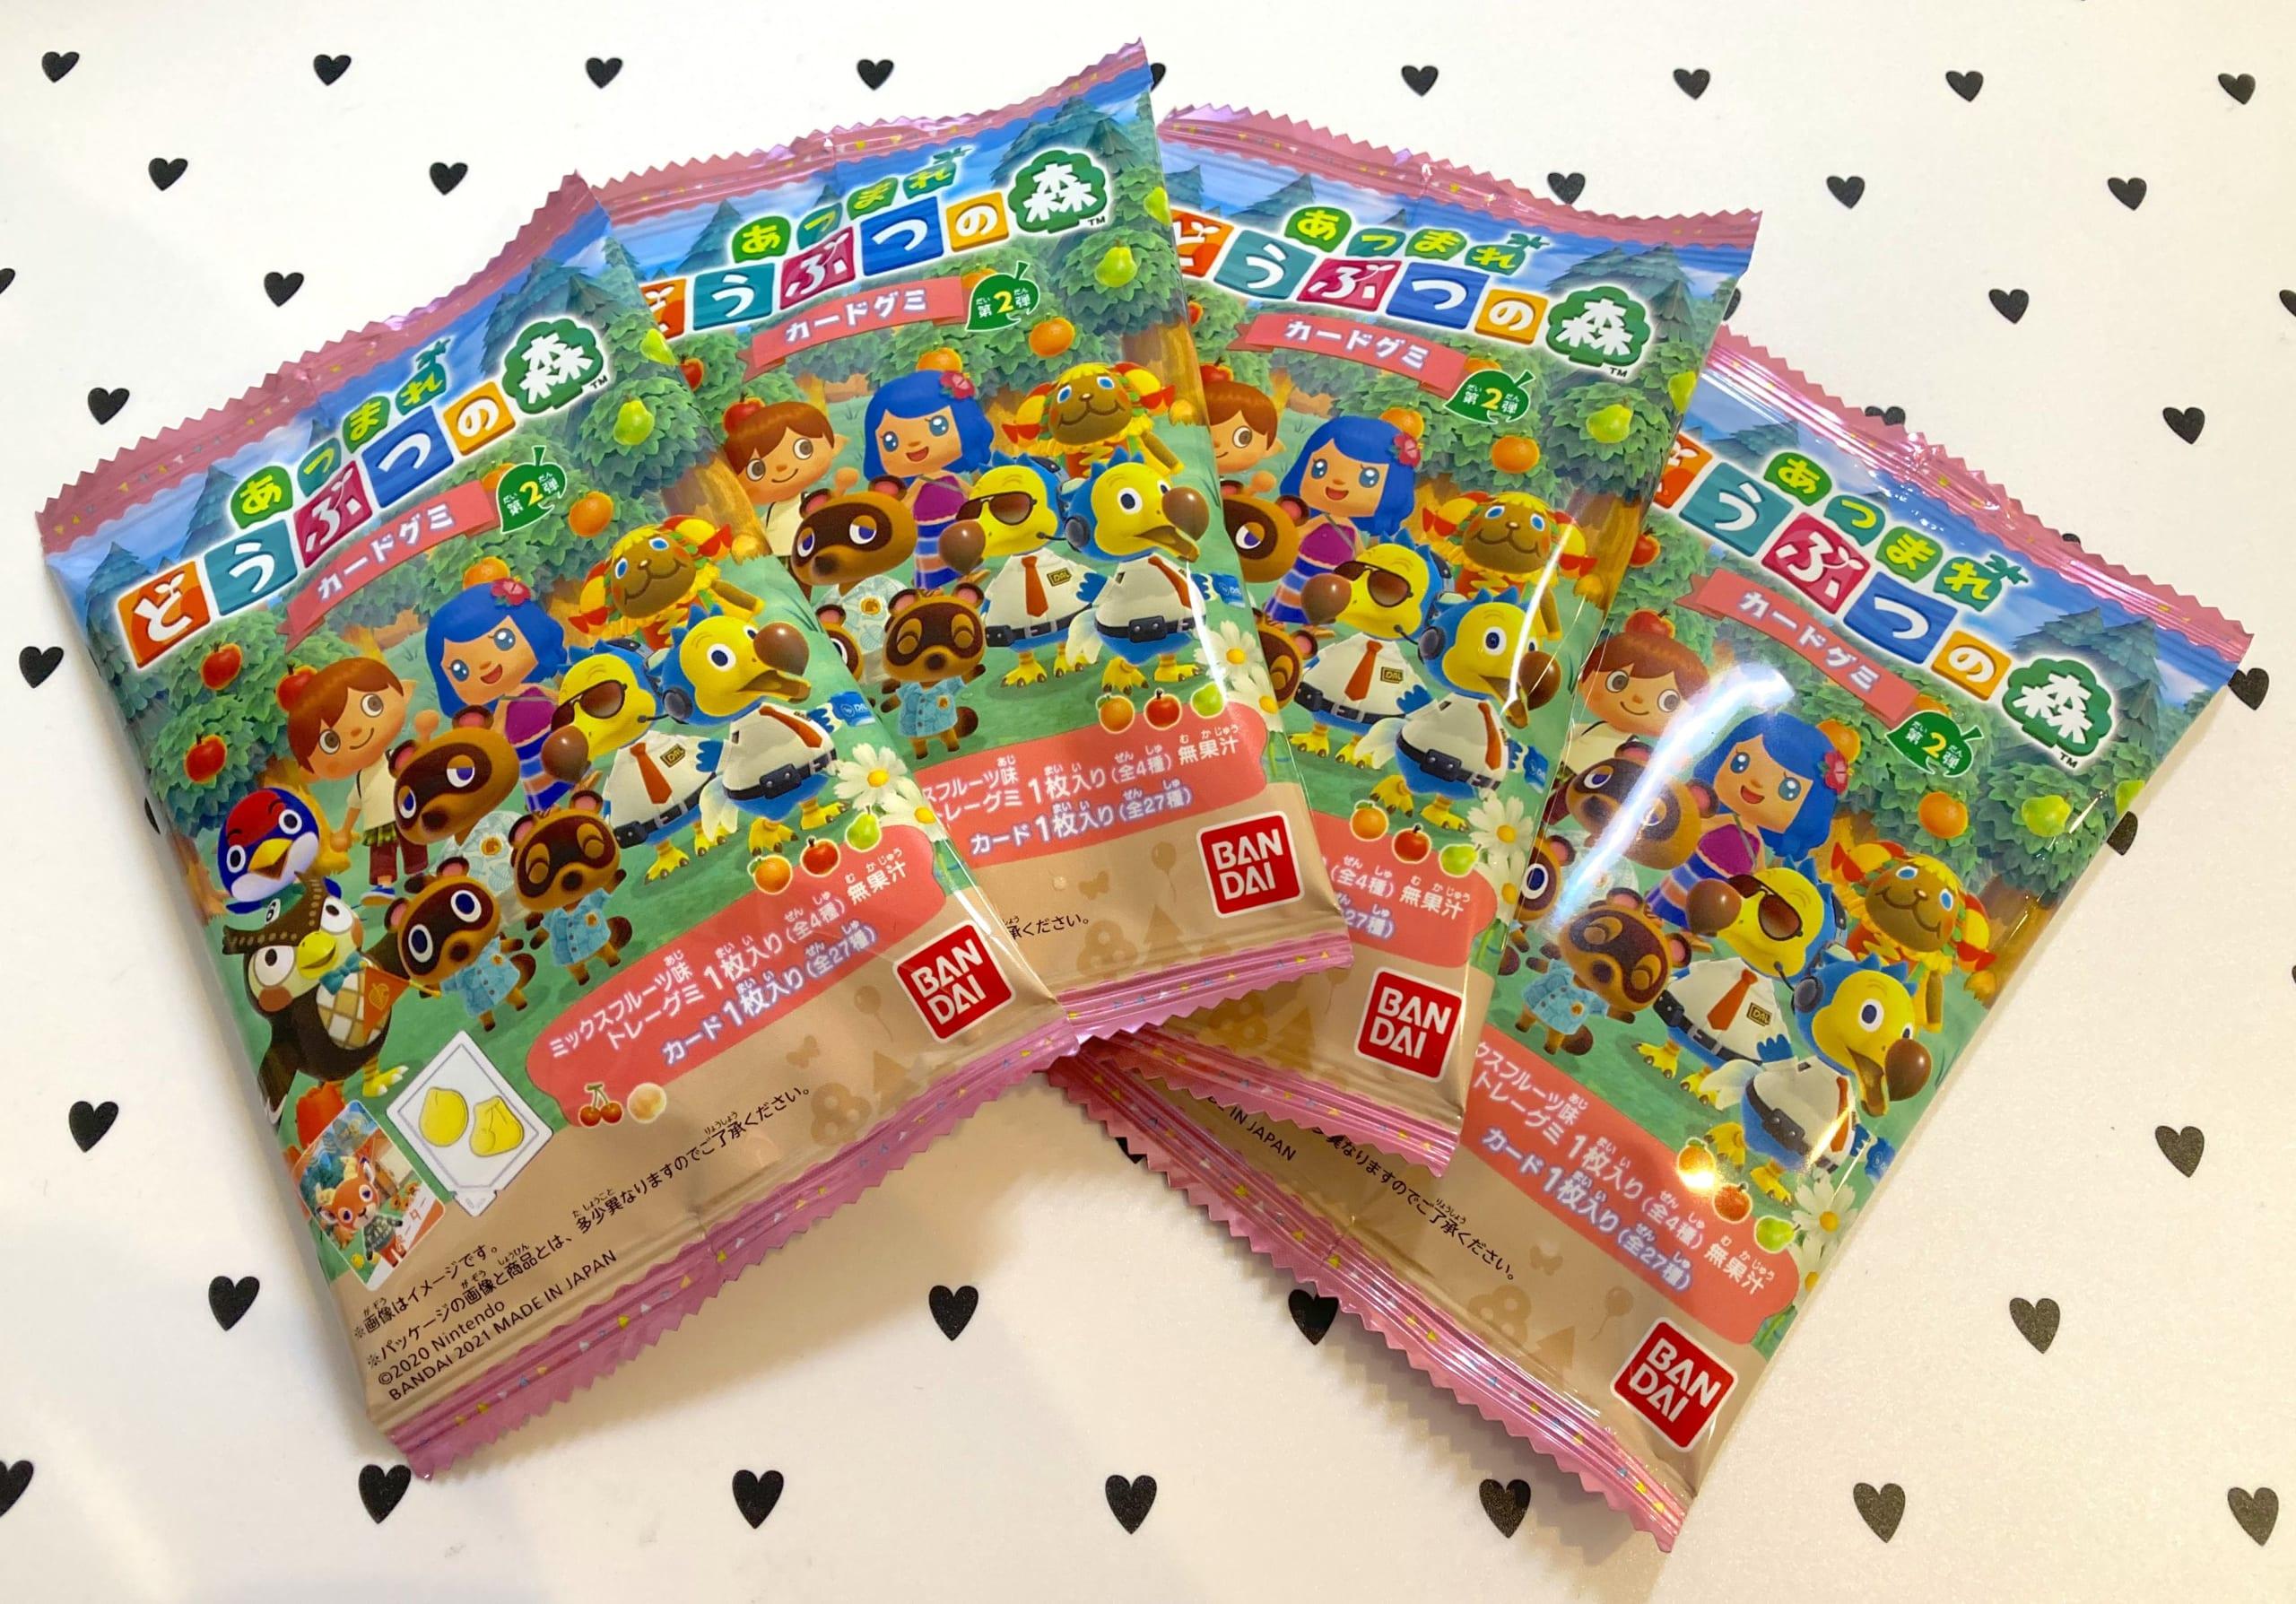 「あつ森」カードグミ第2弾本日発売!人気ランキング上位のアノ子がにじめん村にやってきた!